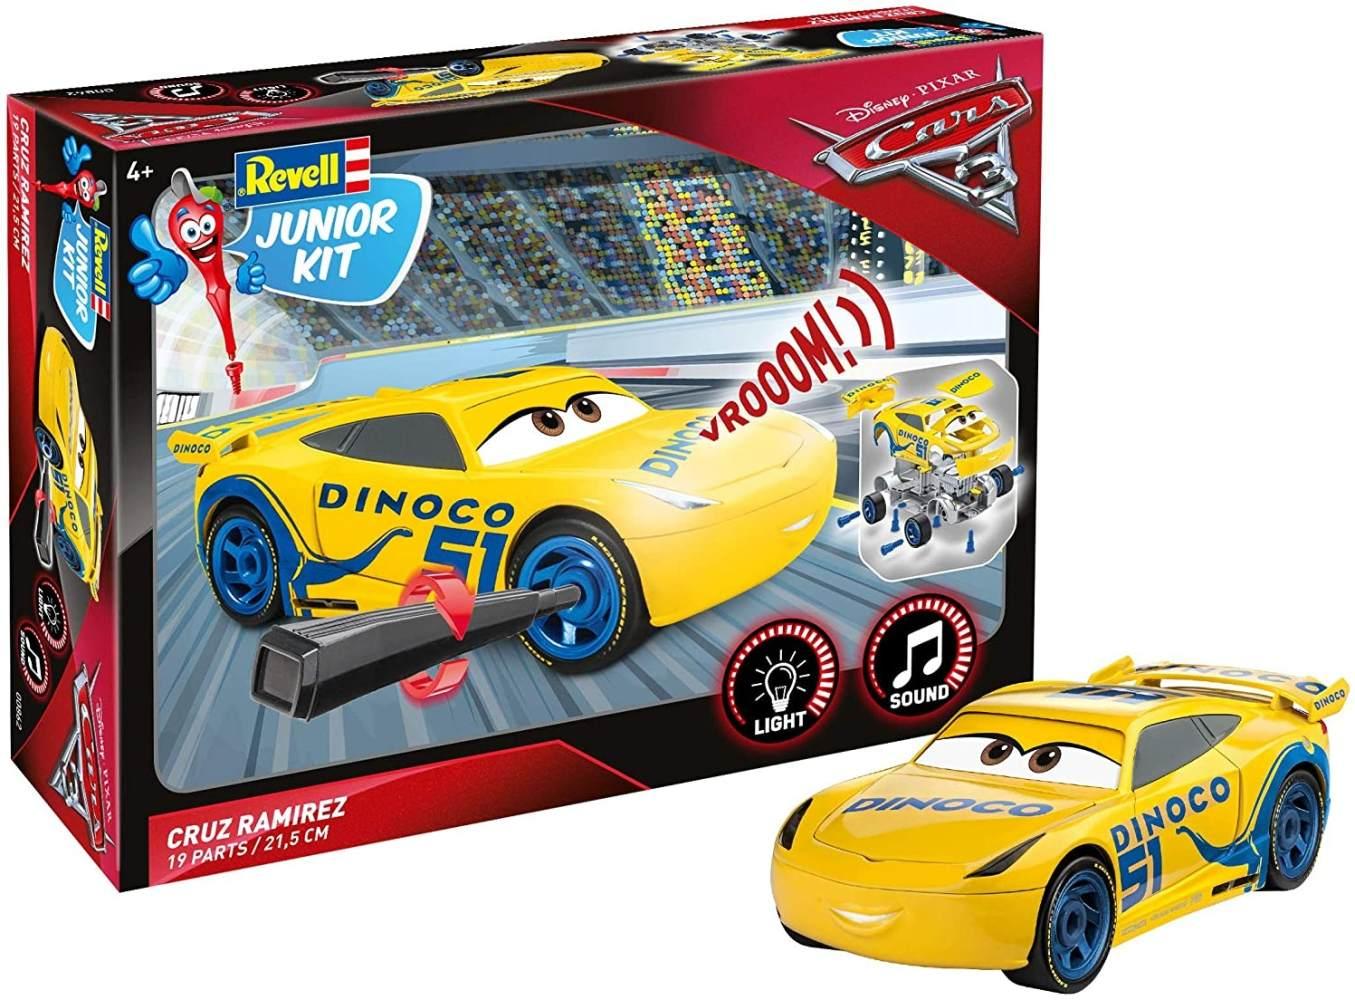 Cruz Ramirez von Revell Junior Kit - Disney Cars 3 - cooler Bausatz für Kinder ab 4 Jahren zum Schrauben, Basteln und Spielen, robust, mit Light & Sound Effekten - 00862 Bild 1